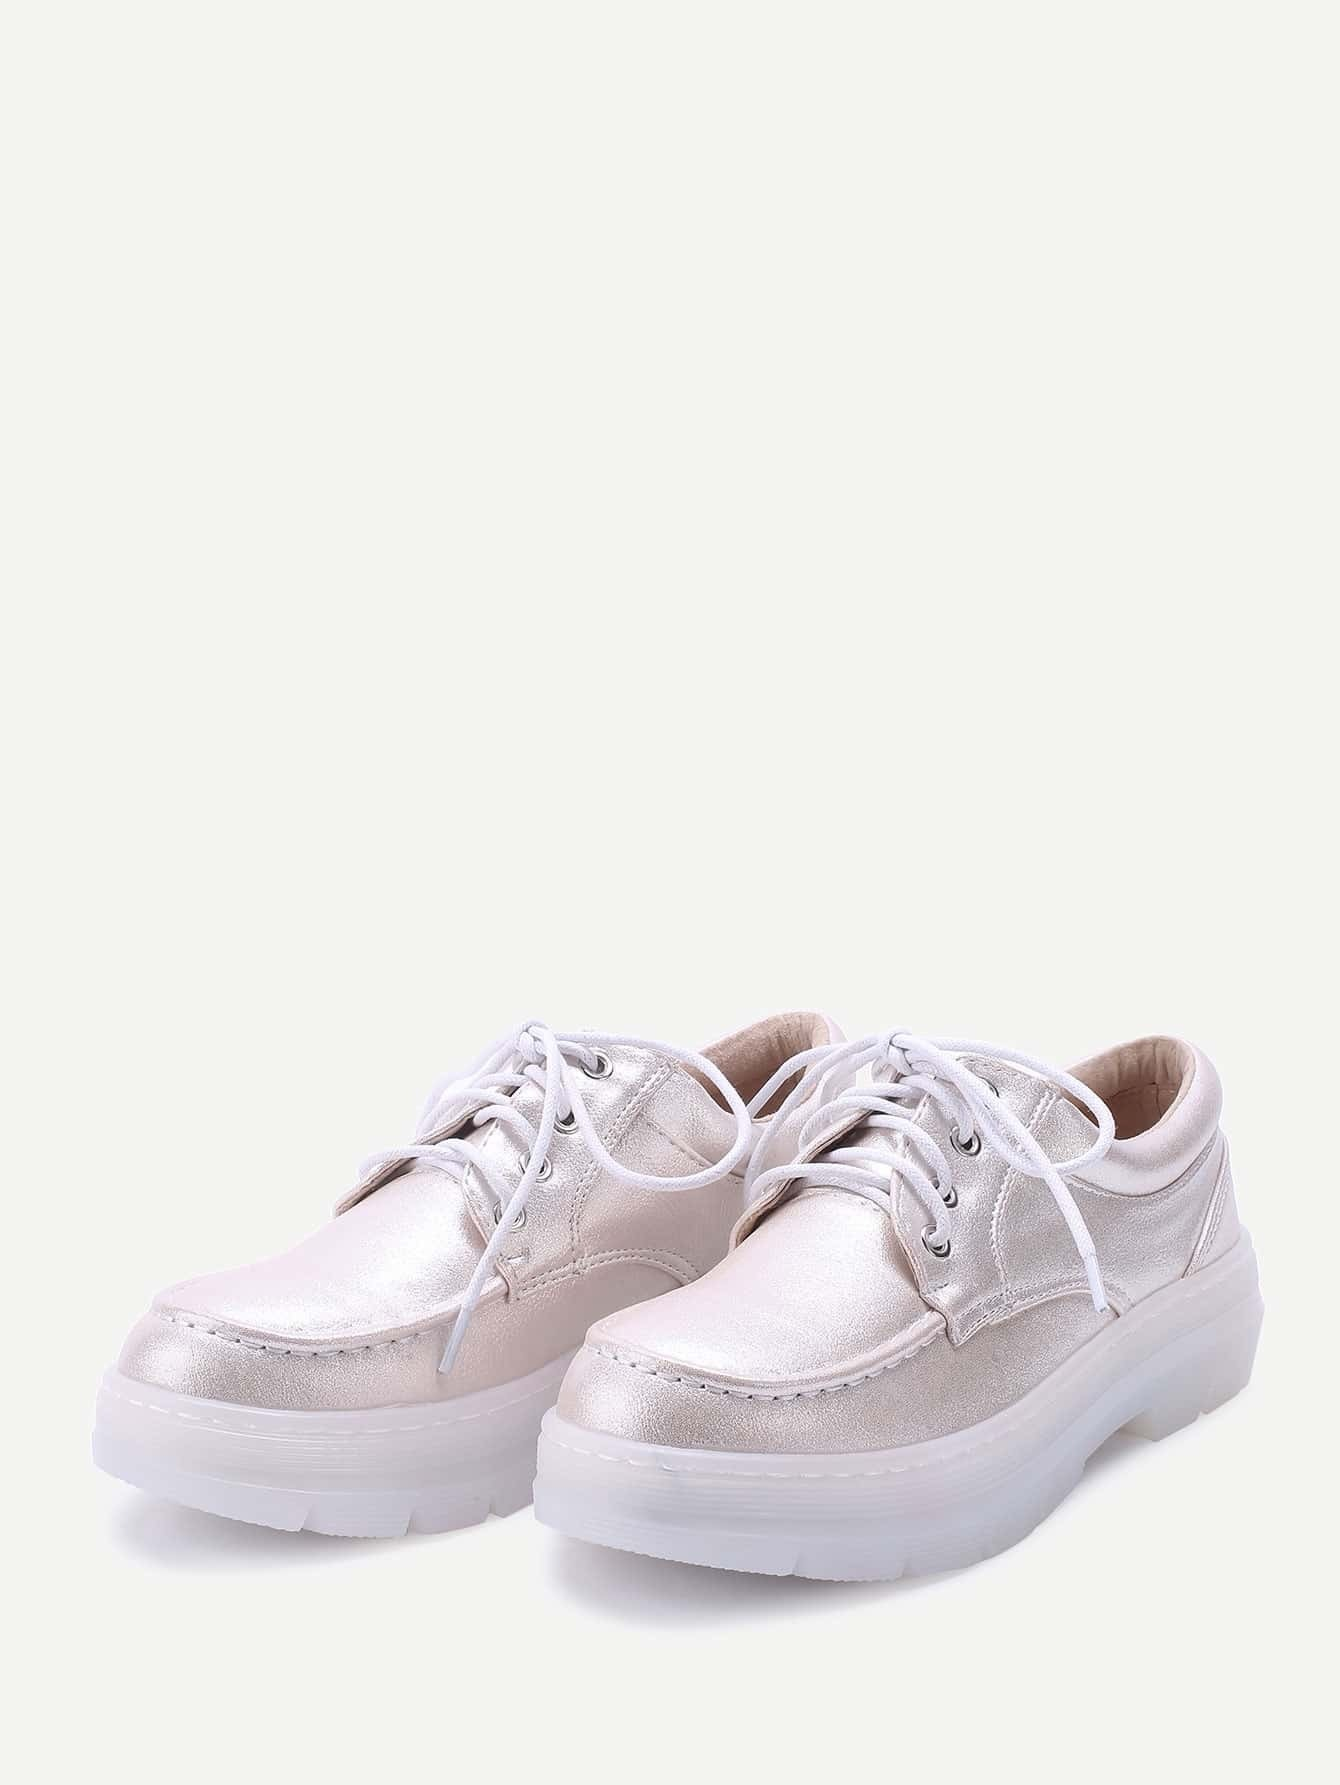 shoes170221804_2